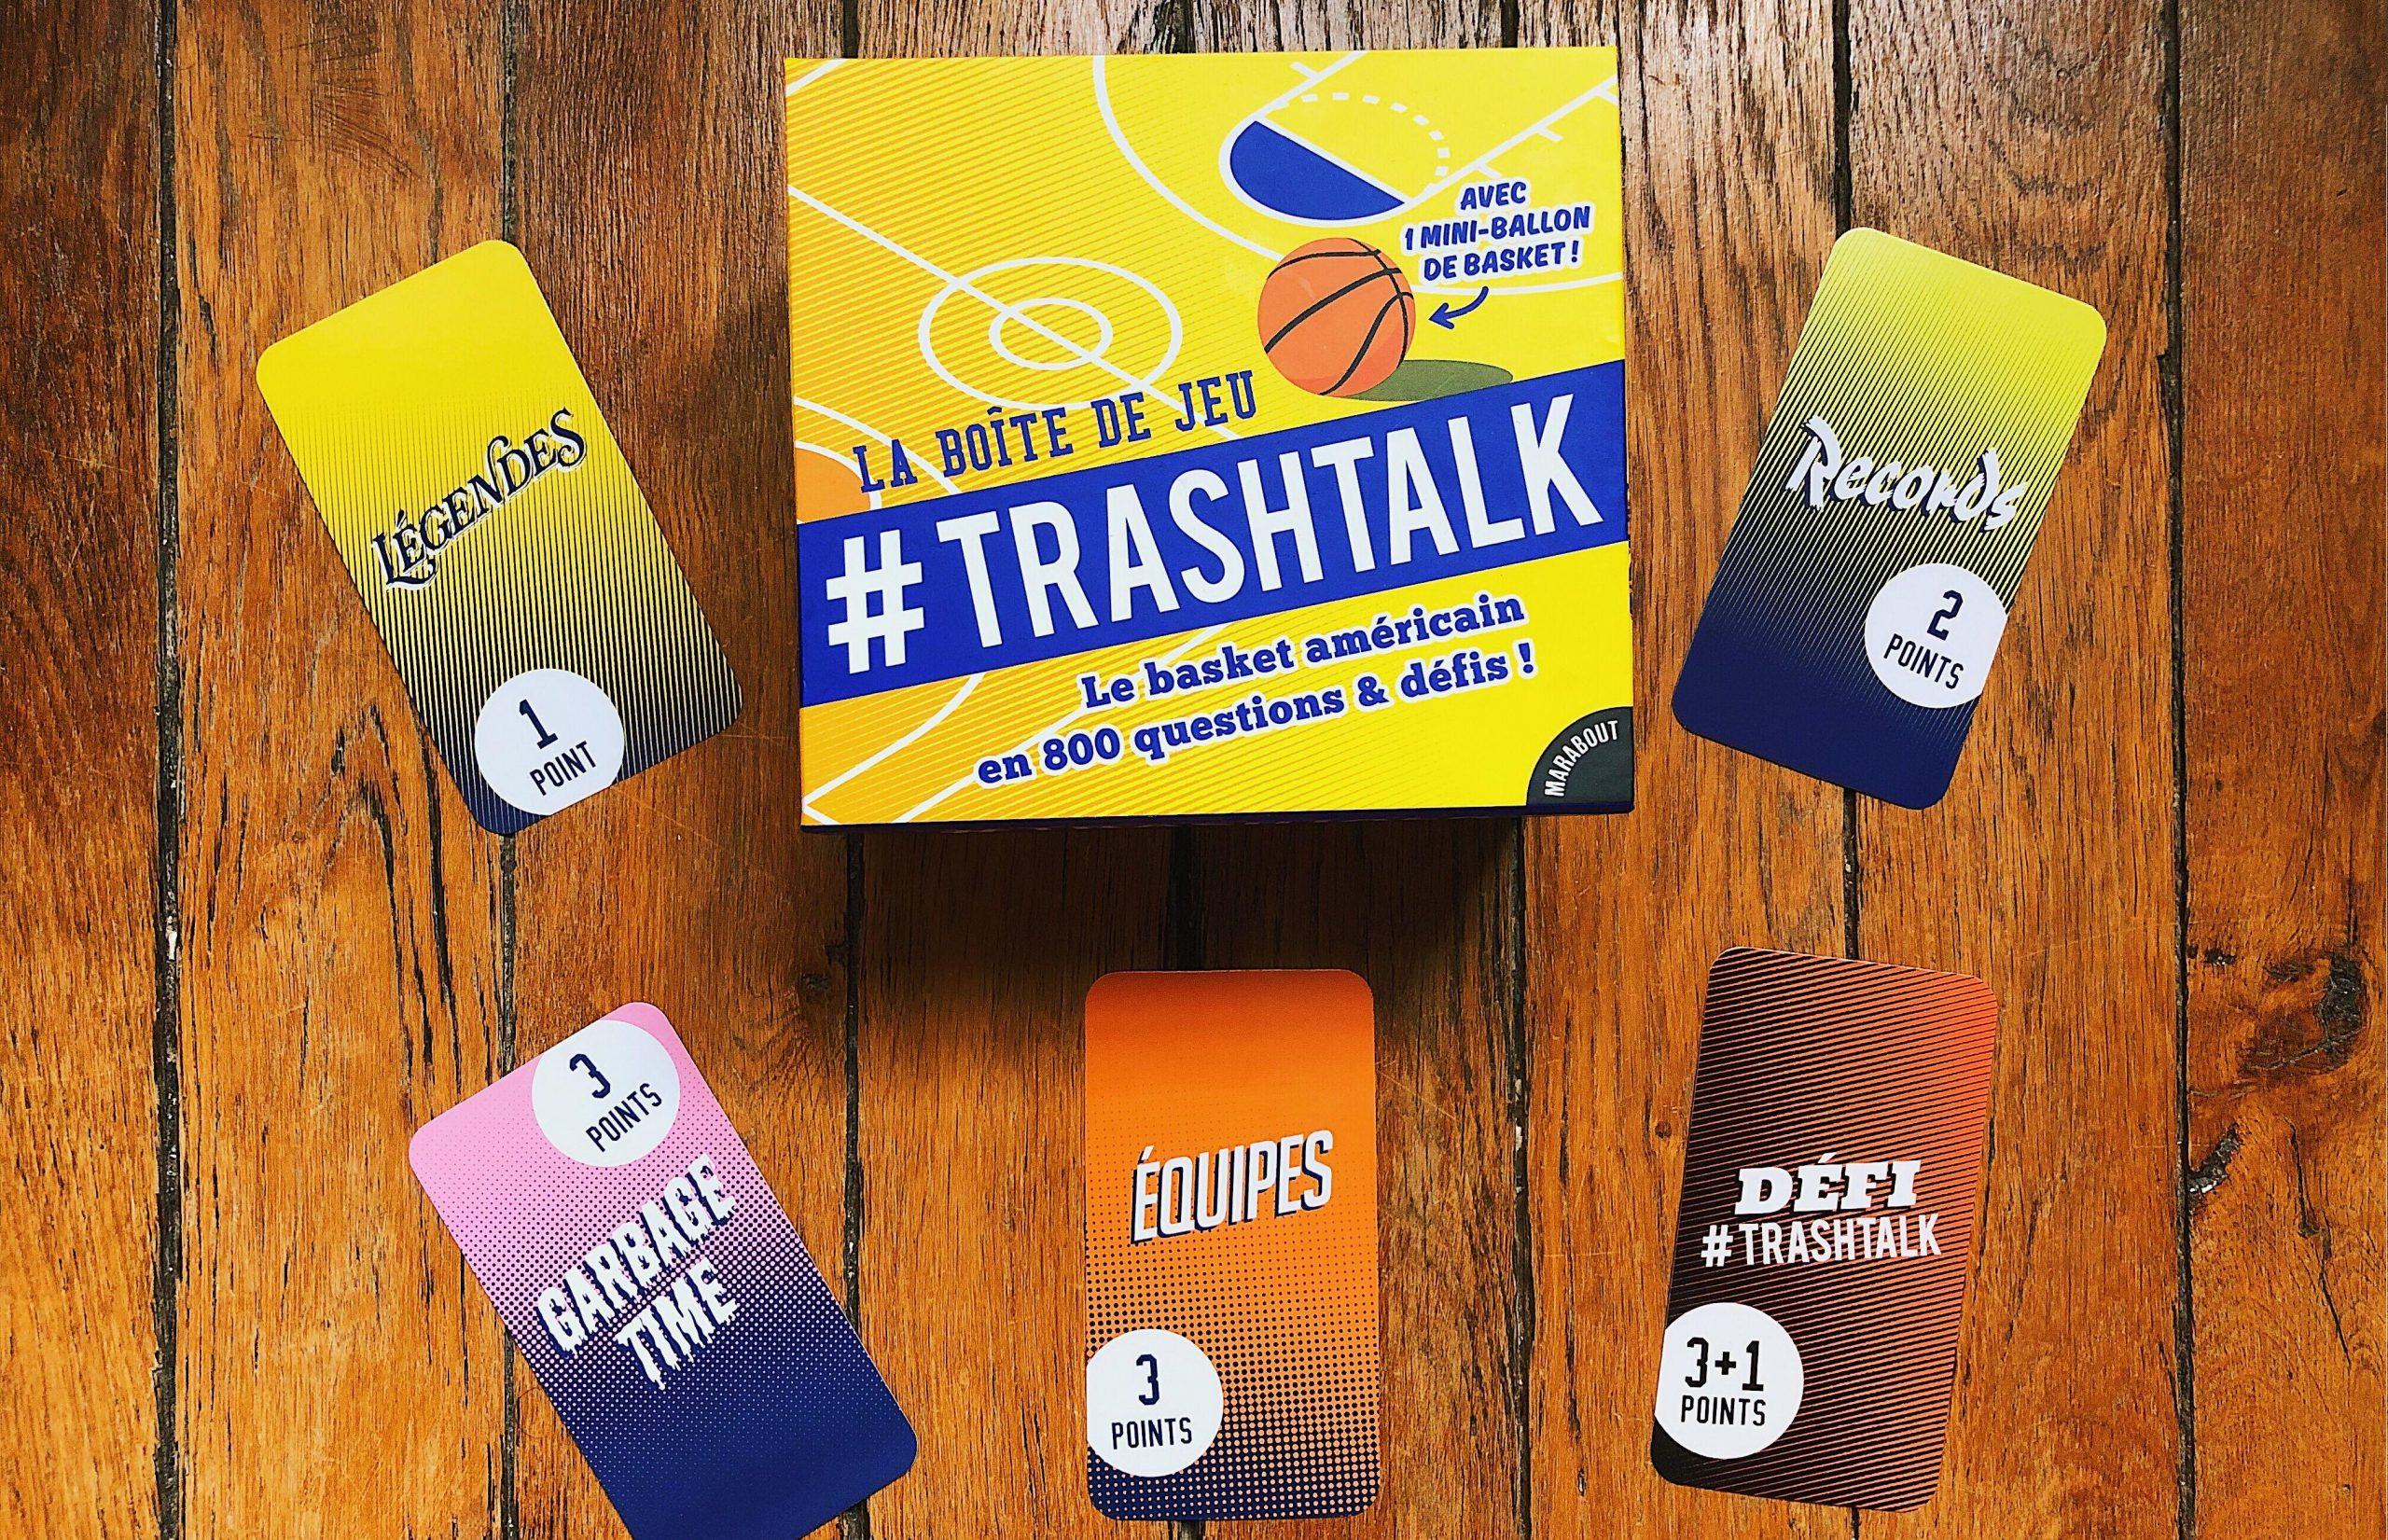 Trashtalk Sort Sa Boîte De Jeu : 800 Questions Et Défis Xxl encequiconcerne Jeux Avec Des Questions